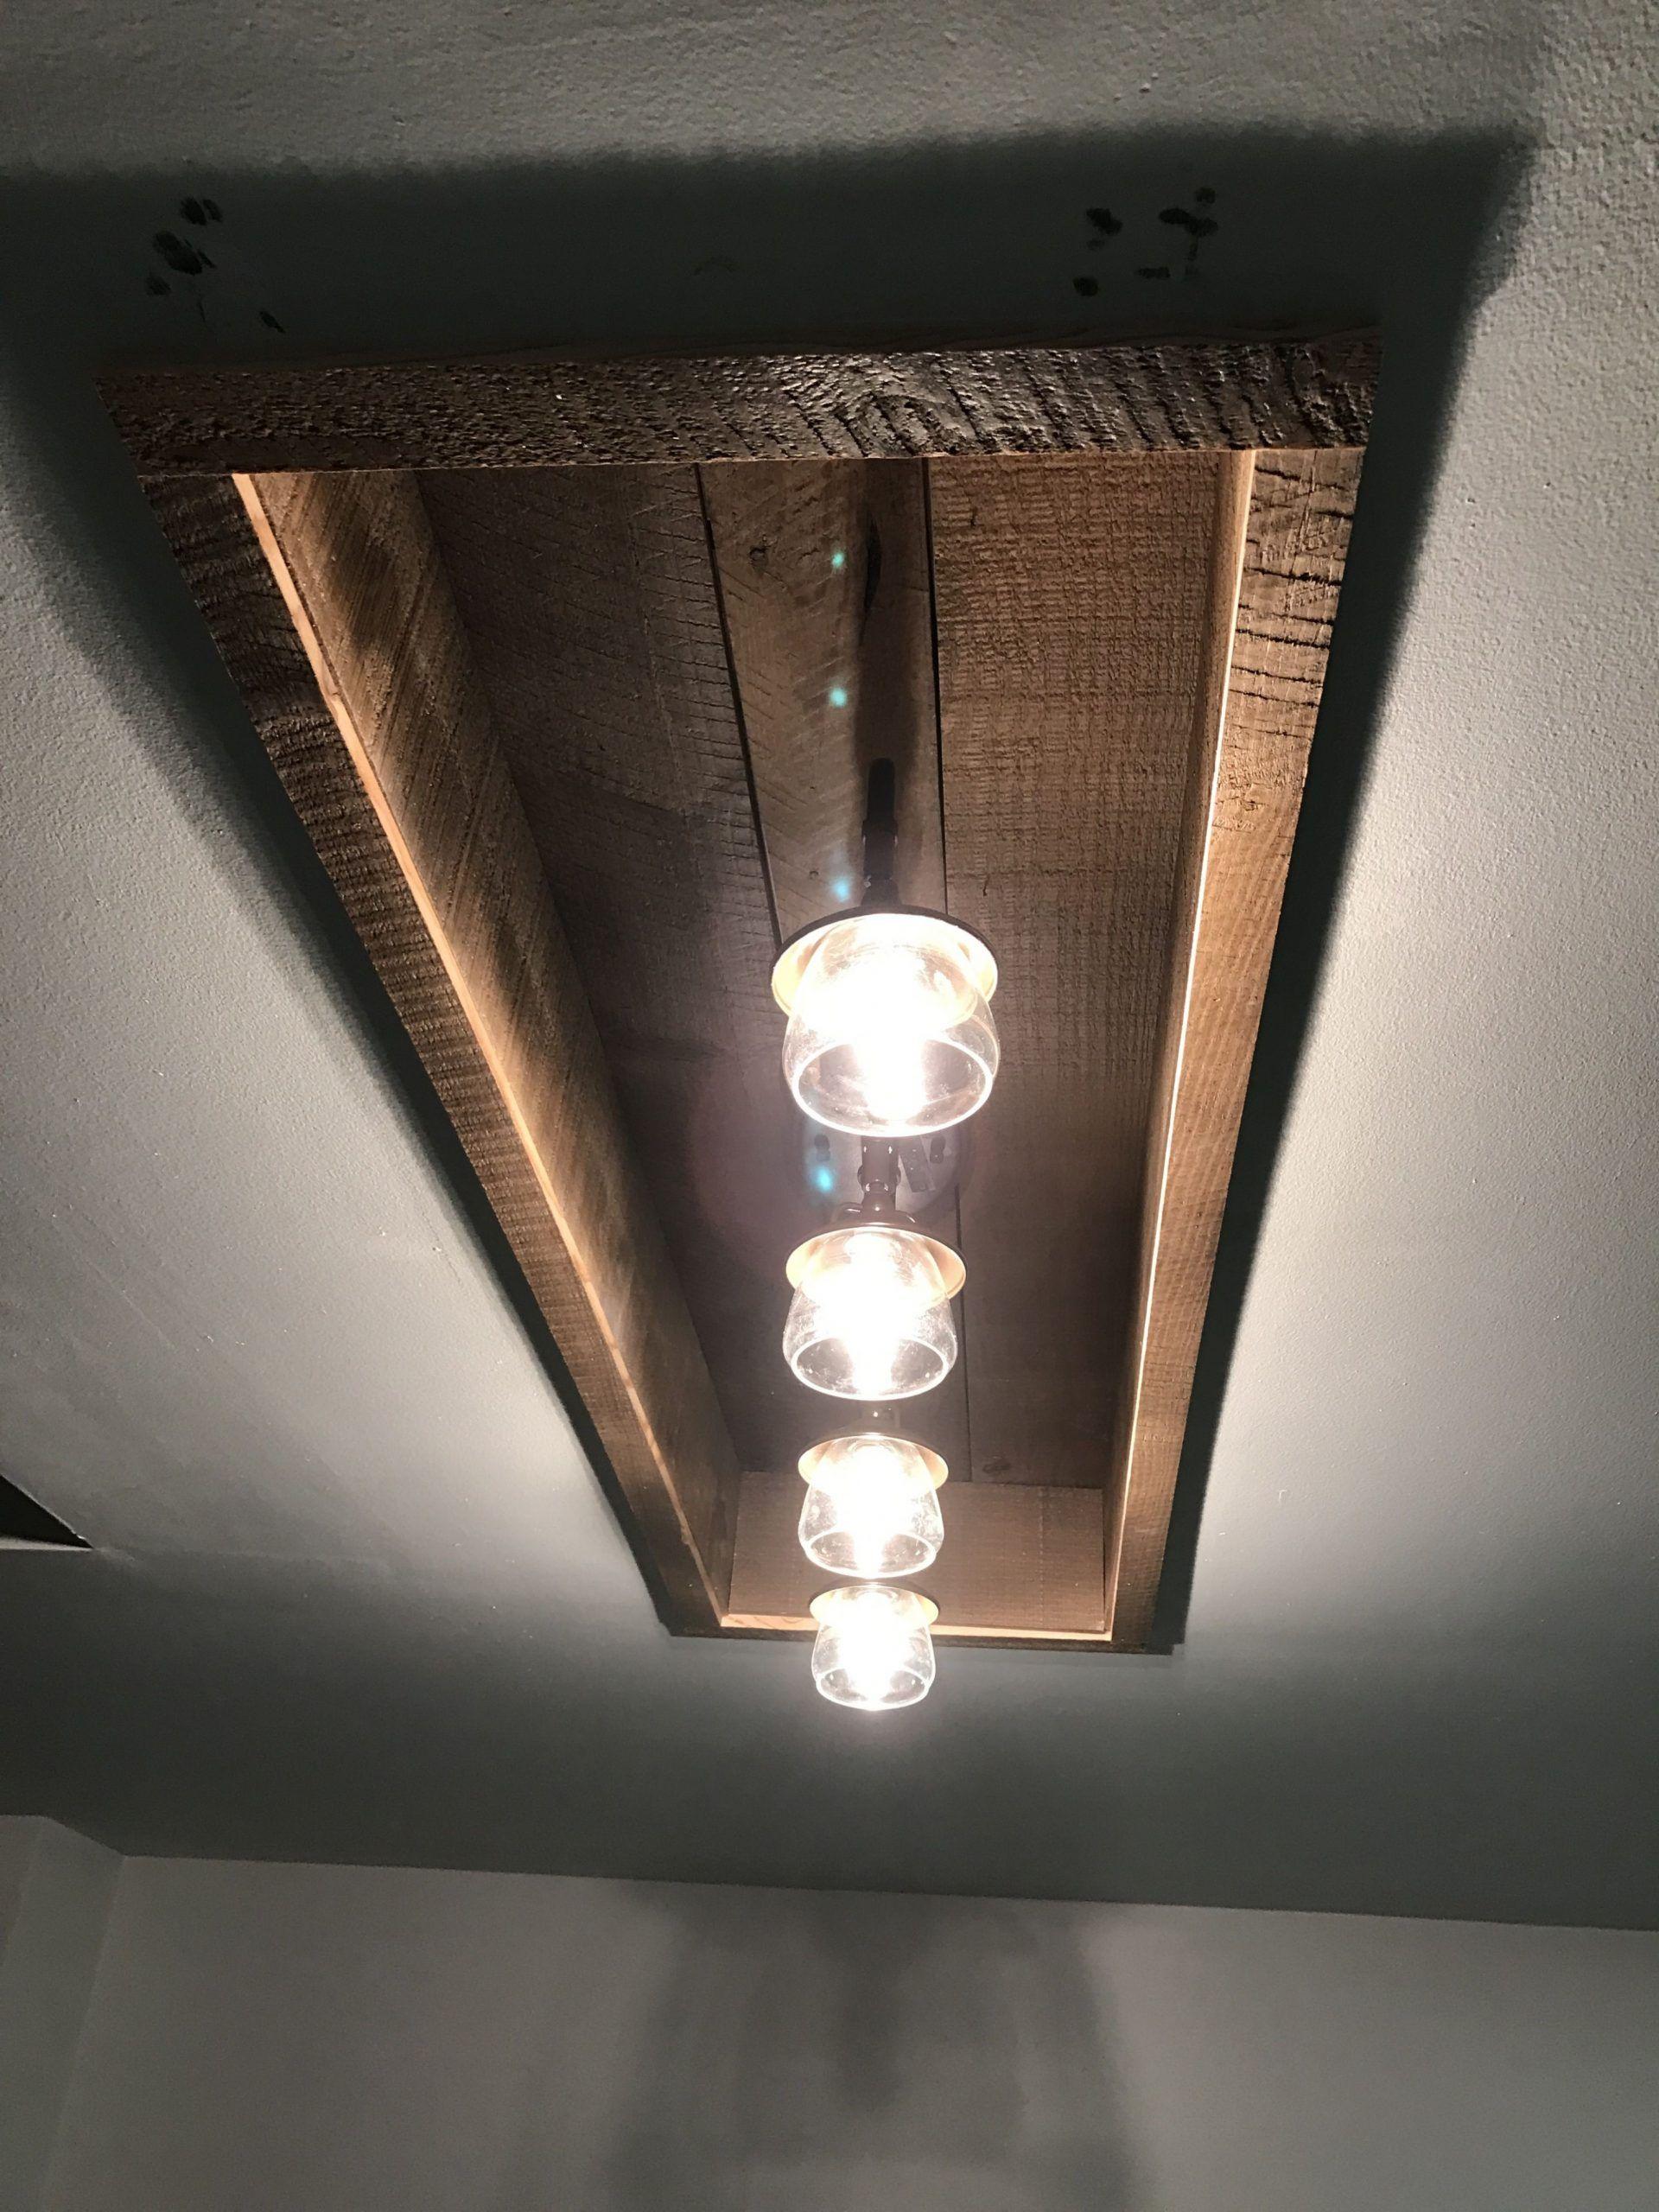 Bedroom Fluorescent Light Fixtures Kitchen Ceiling Lights Rustic Track Lighting Fluorescent Light Fixture